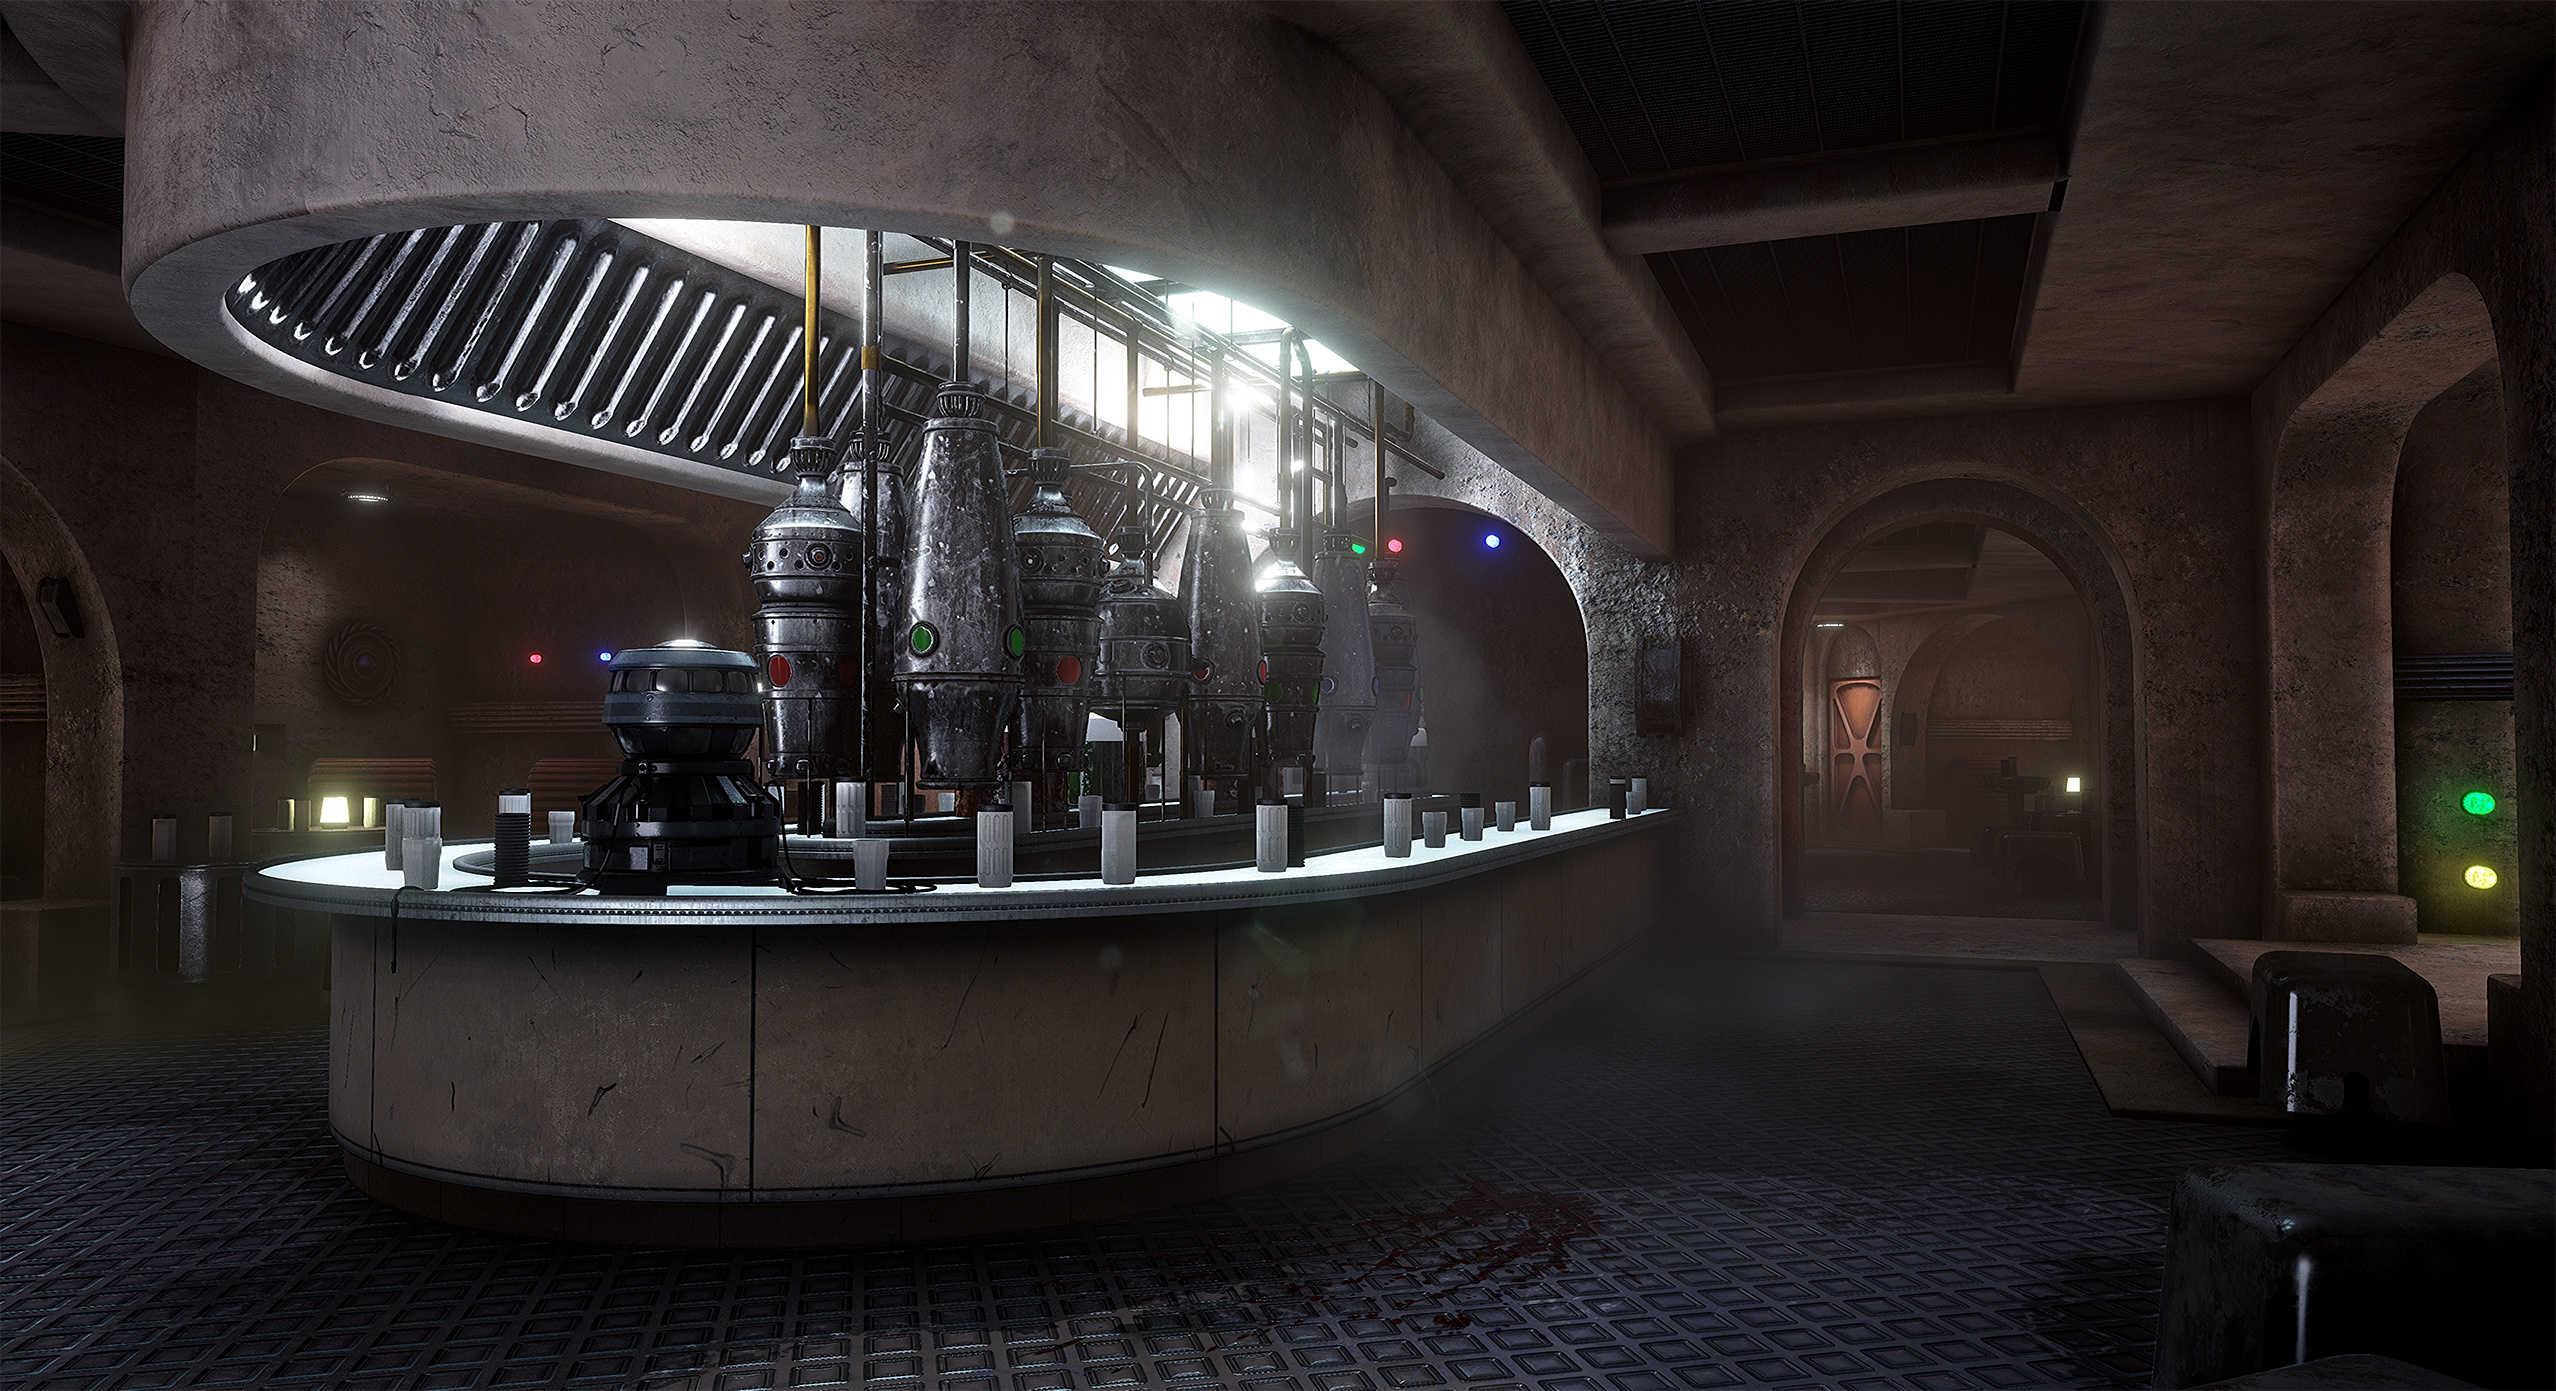 Vývojáři z Obsidianu vytvořili překrásnou Star Wars scenérii v enginu Unreal 4 130534